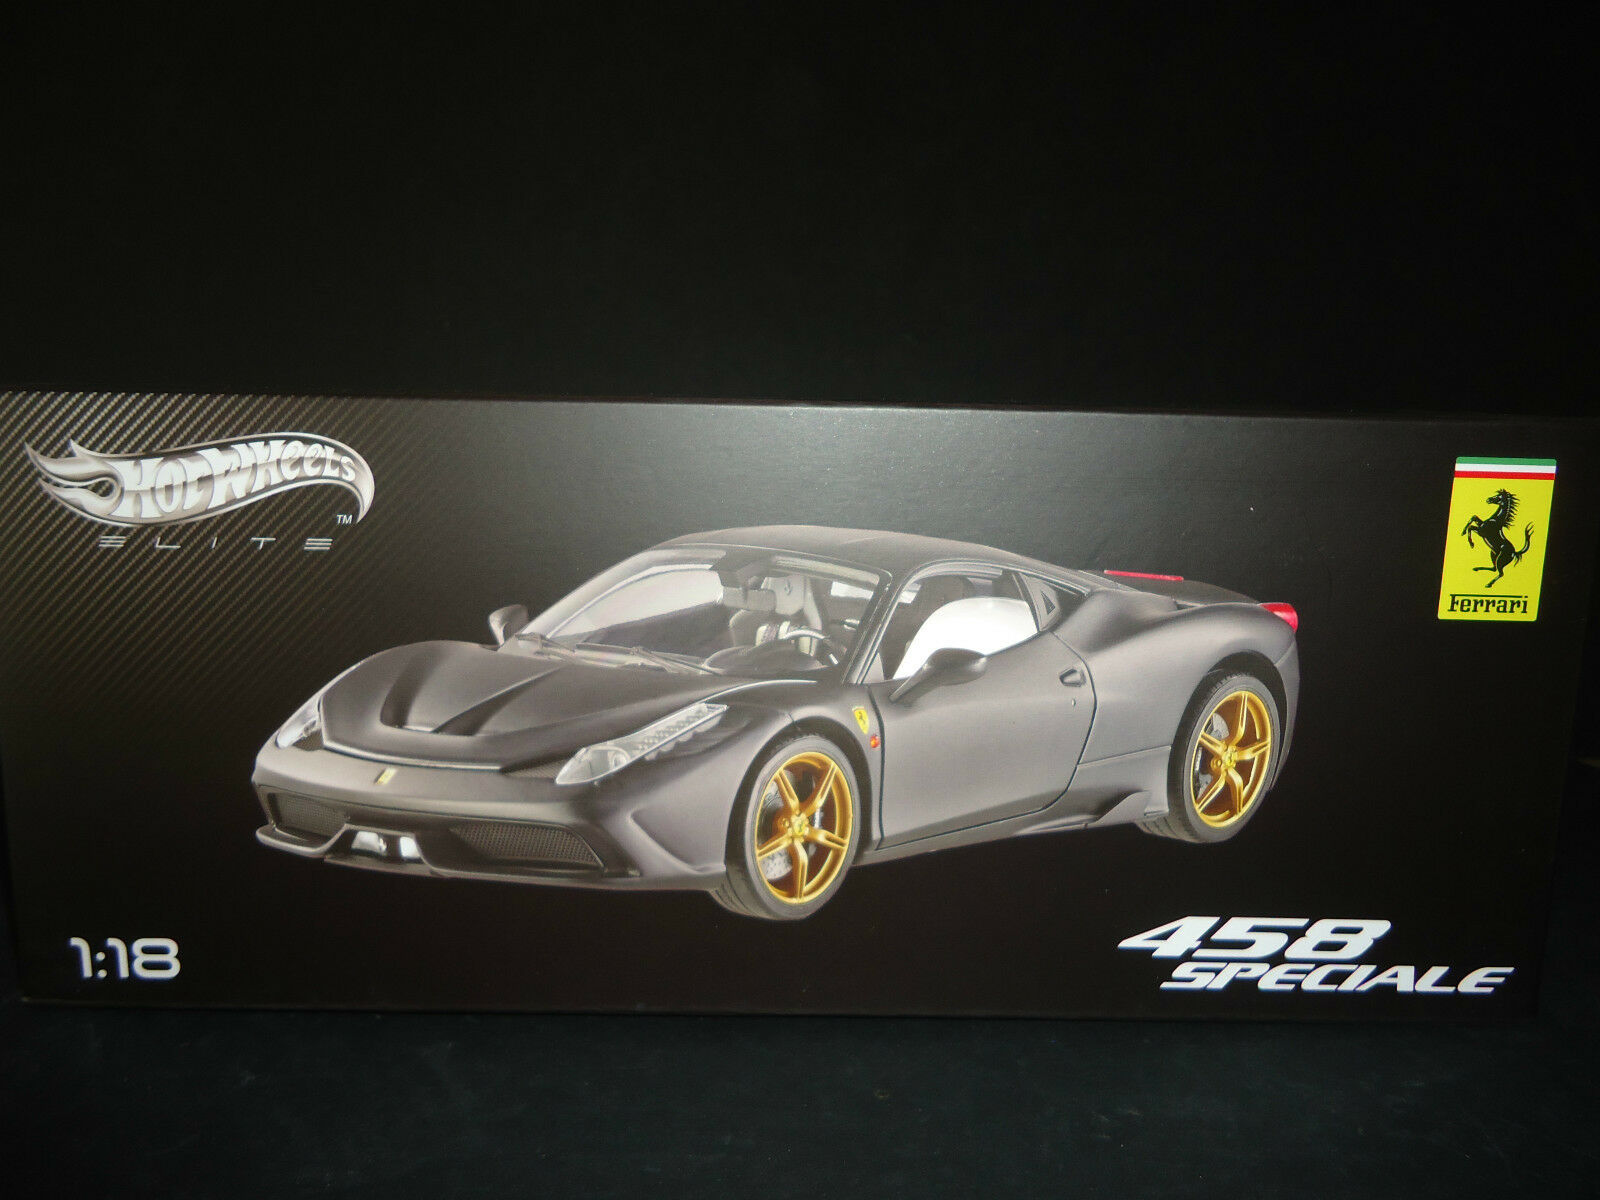 Hot Wheels Elite Ferrari 458 Spéciale Mat Noir 1/18 Édition Limitée | Elaborer  | Digne  | Belle Et Charmante